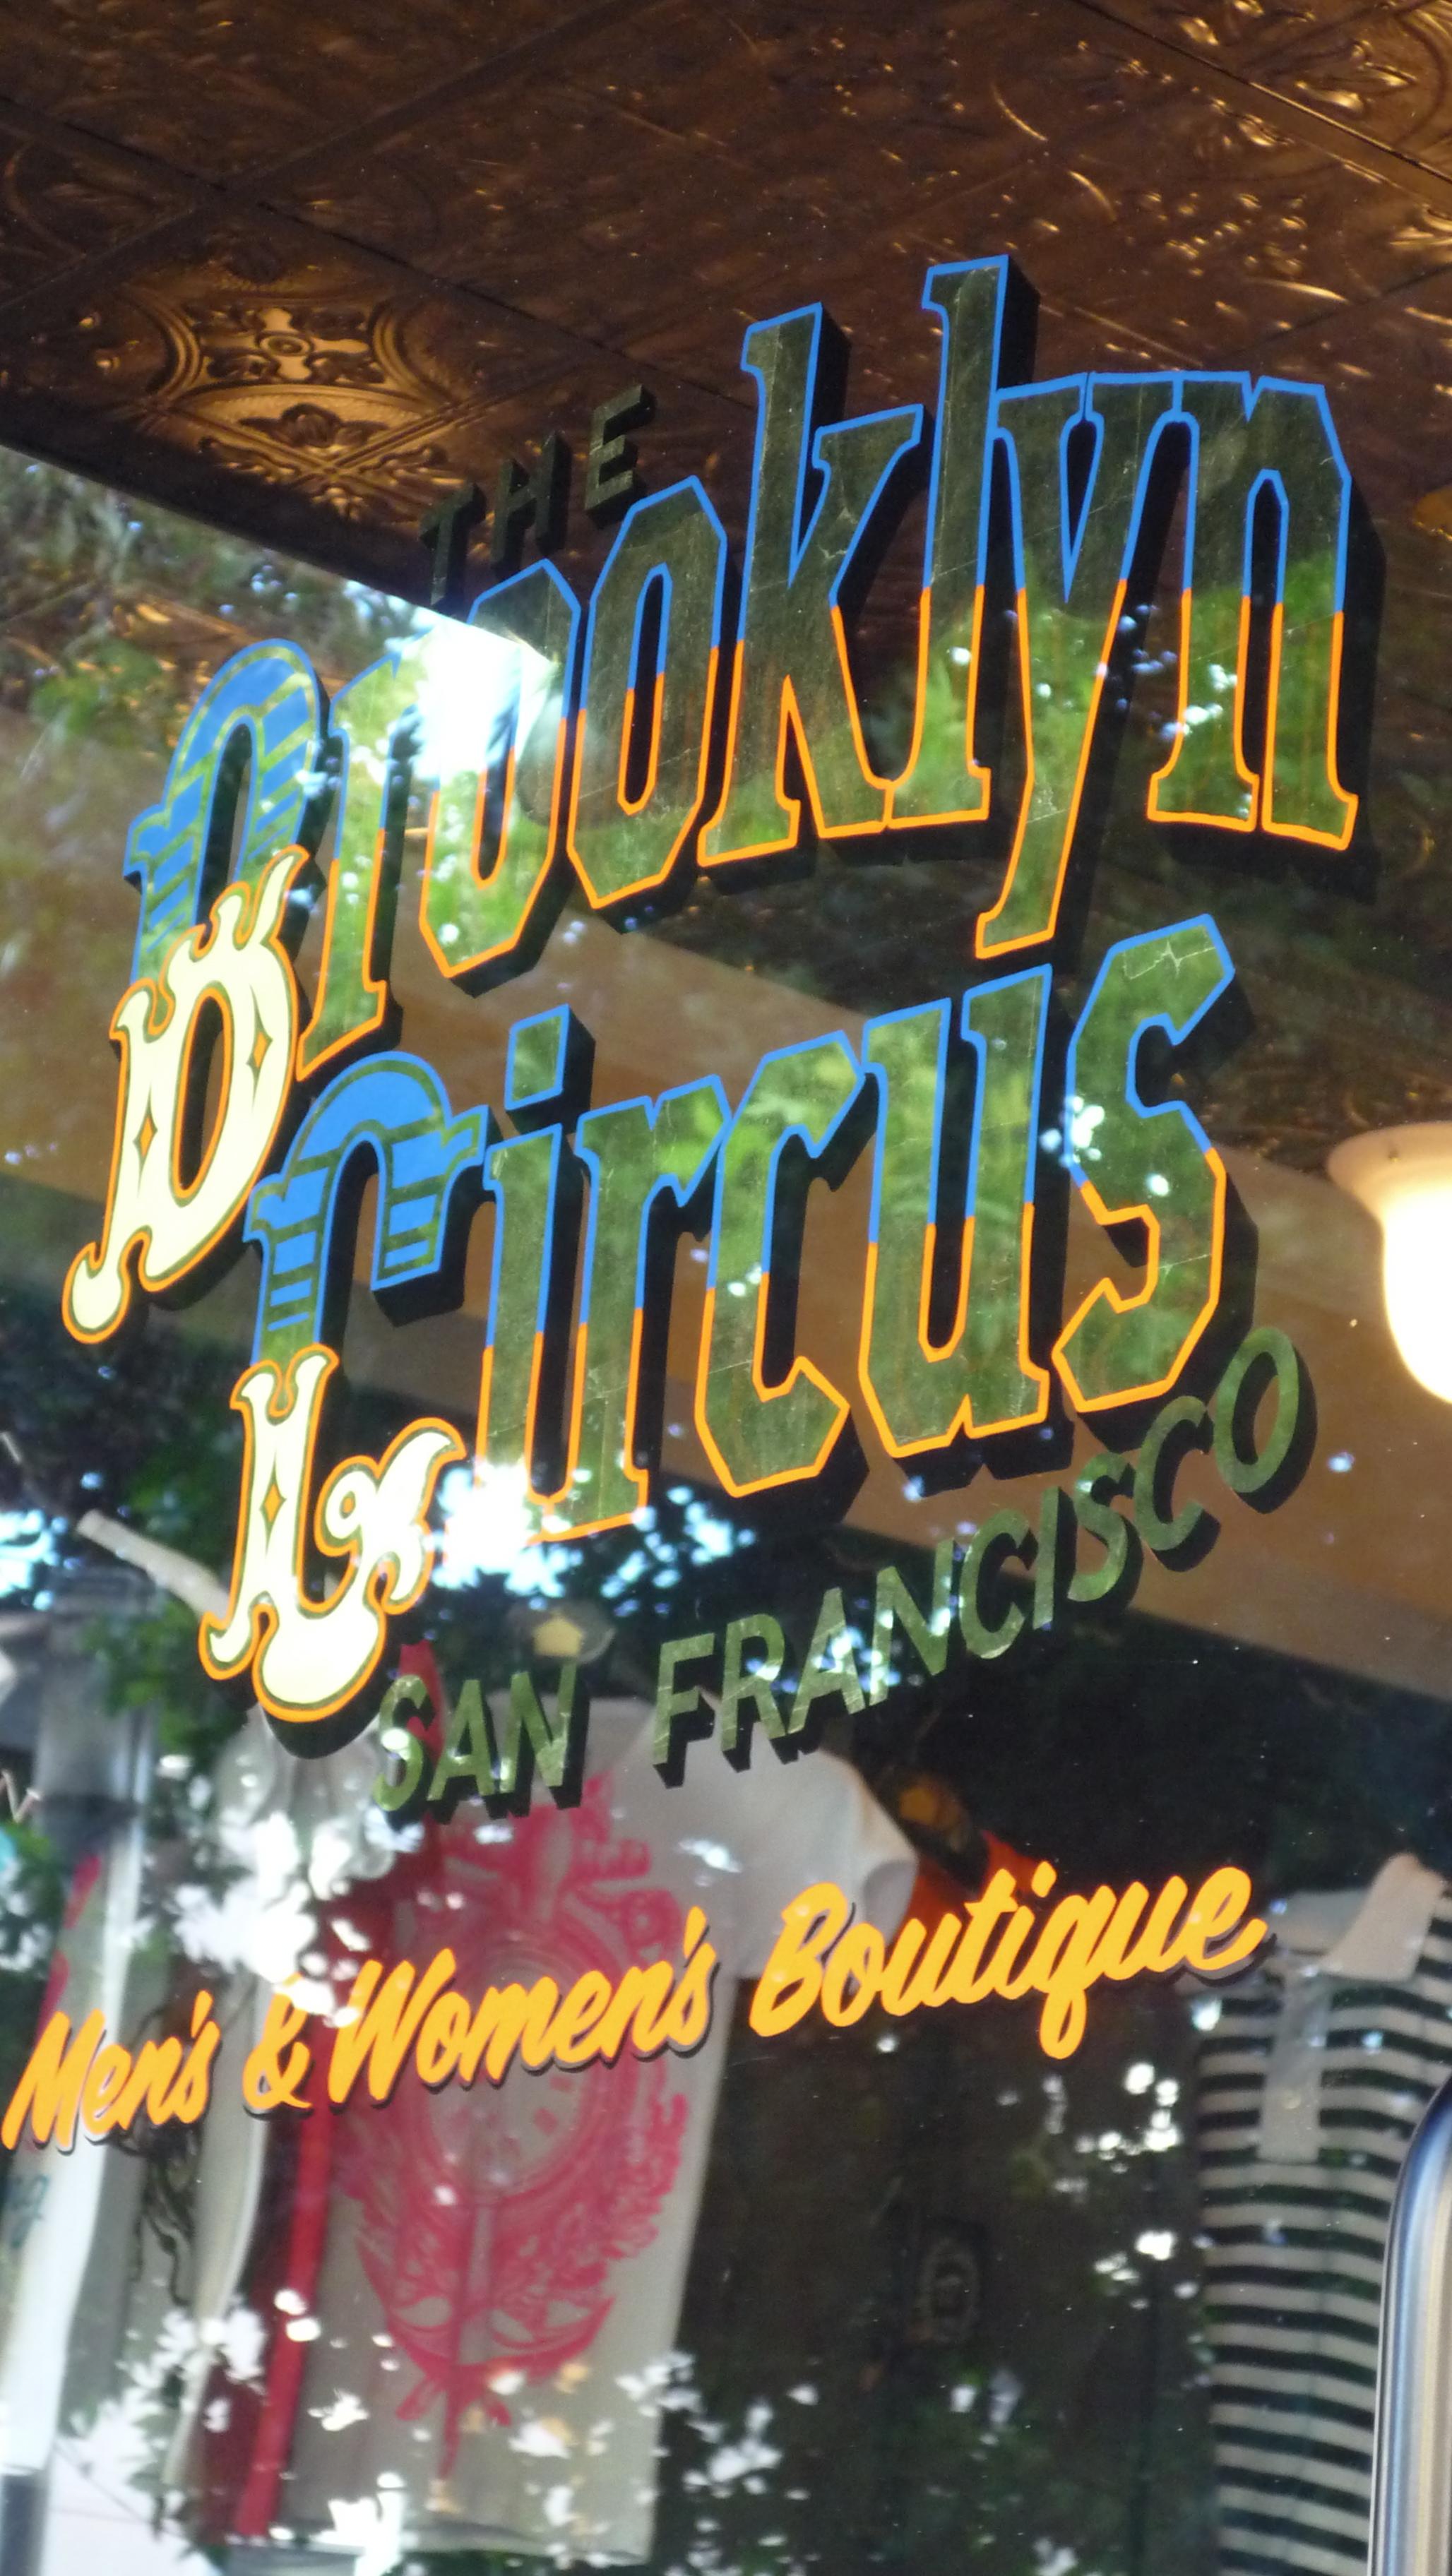 GOLD-brooklyn-circus-sf_3059522561_o.jpg